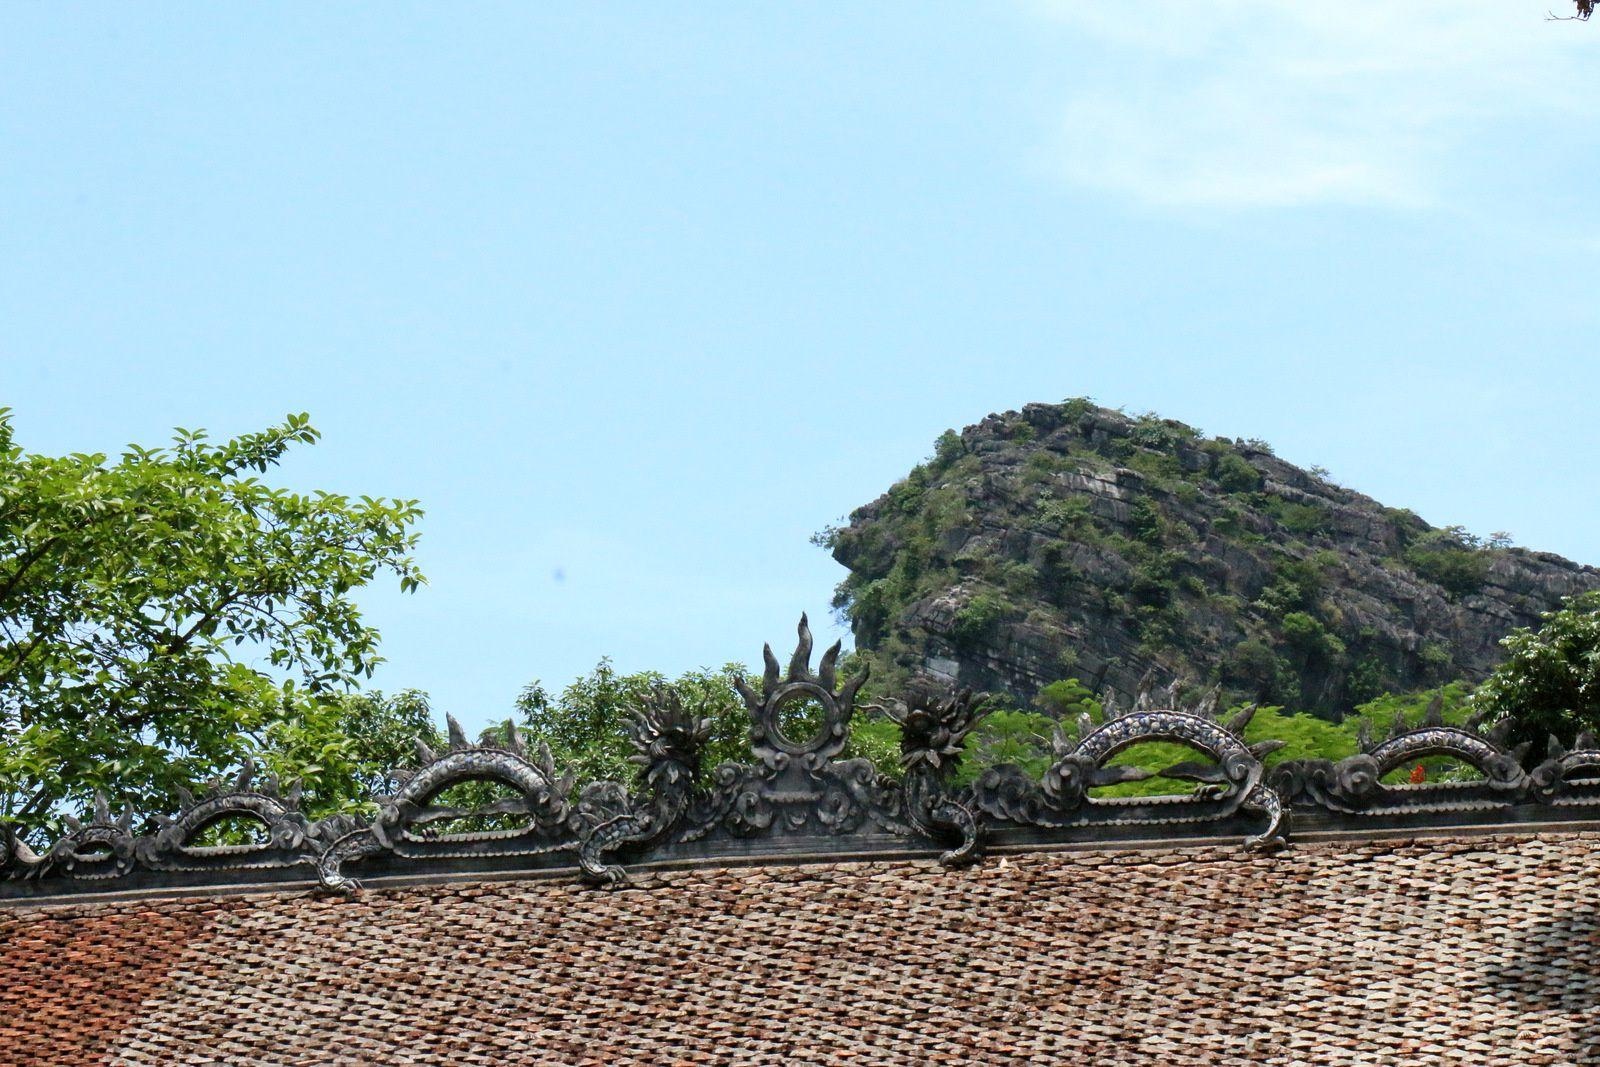 Le sanctuaire du roi Dinh Tiên Hoàng